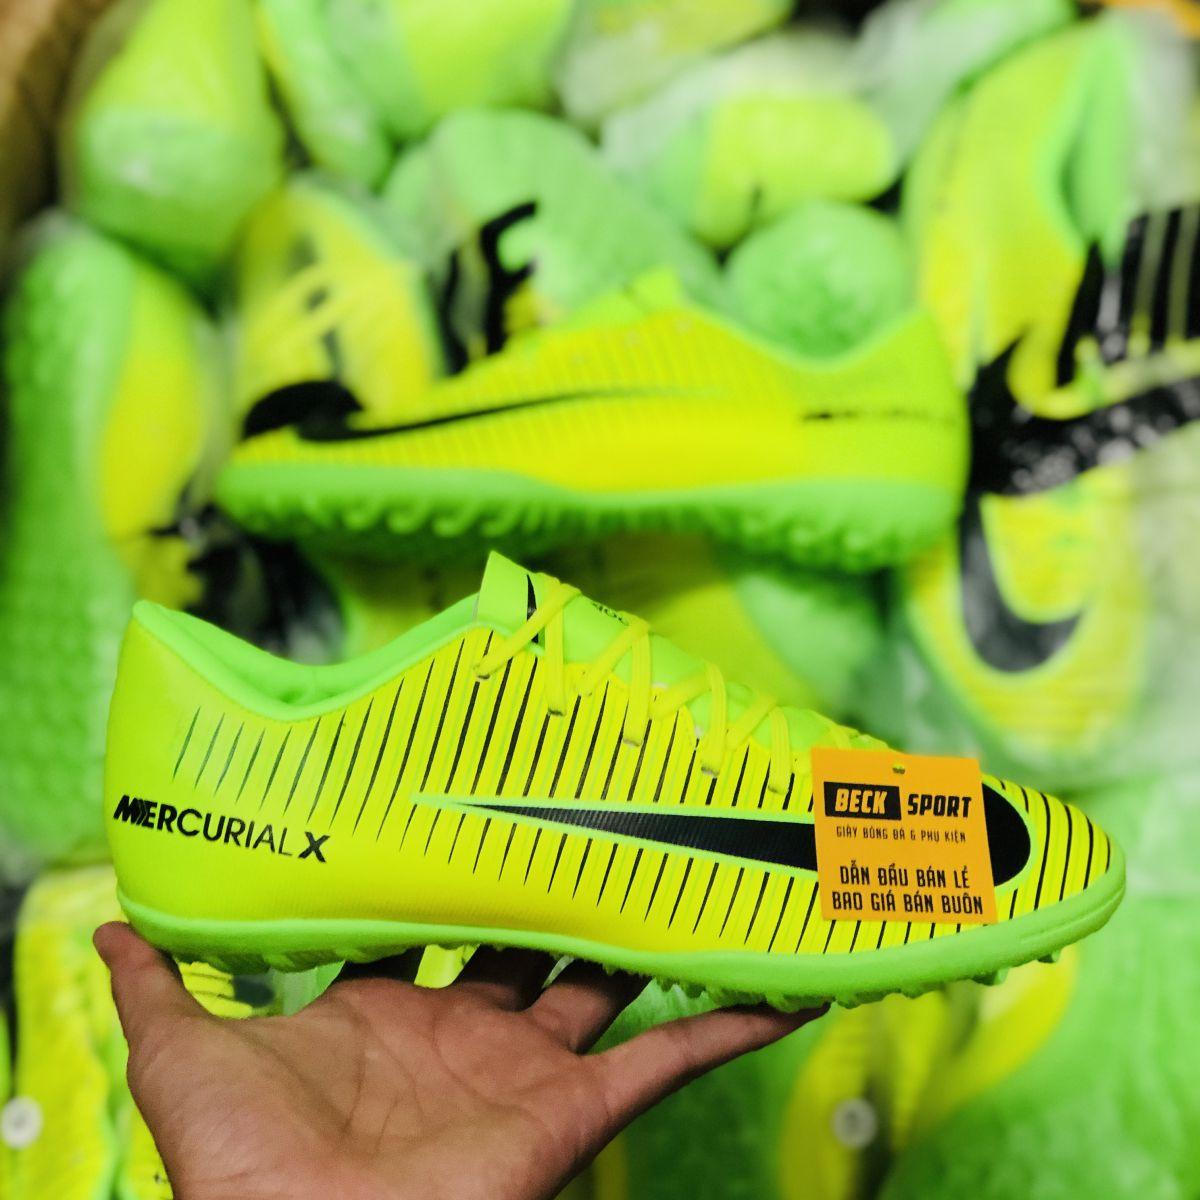 Giày Bóng Đá Nike MercurialX Nõn Chuối Xanh Lá Vạch Đen TF